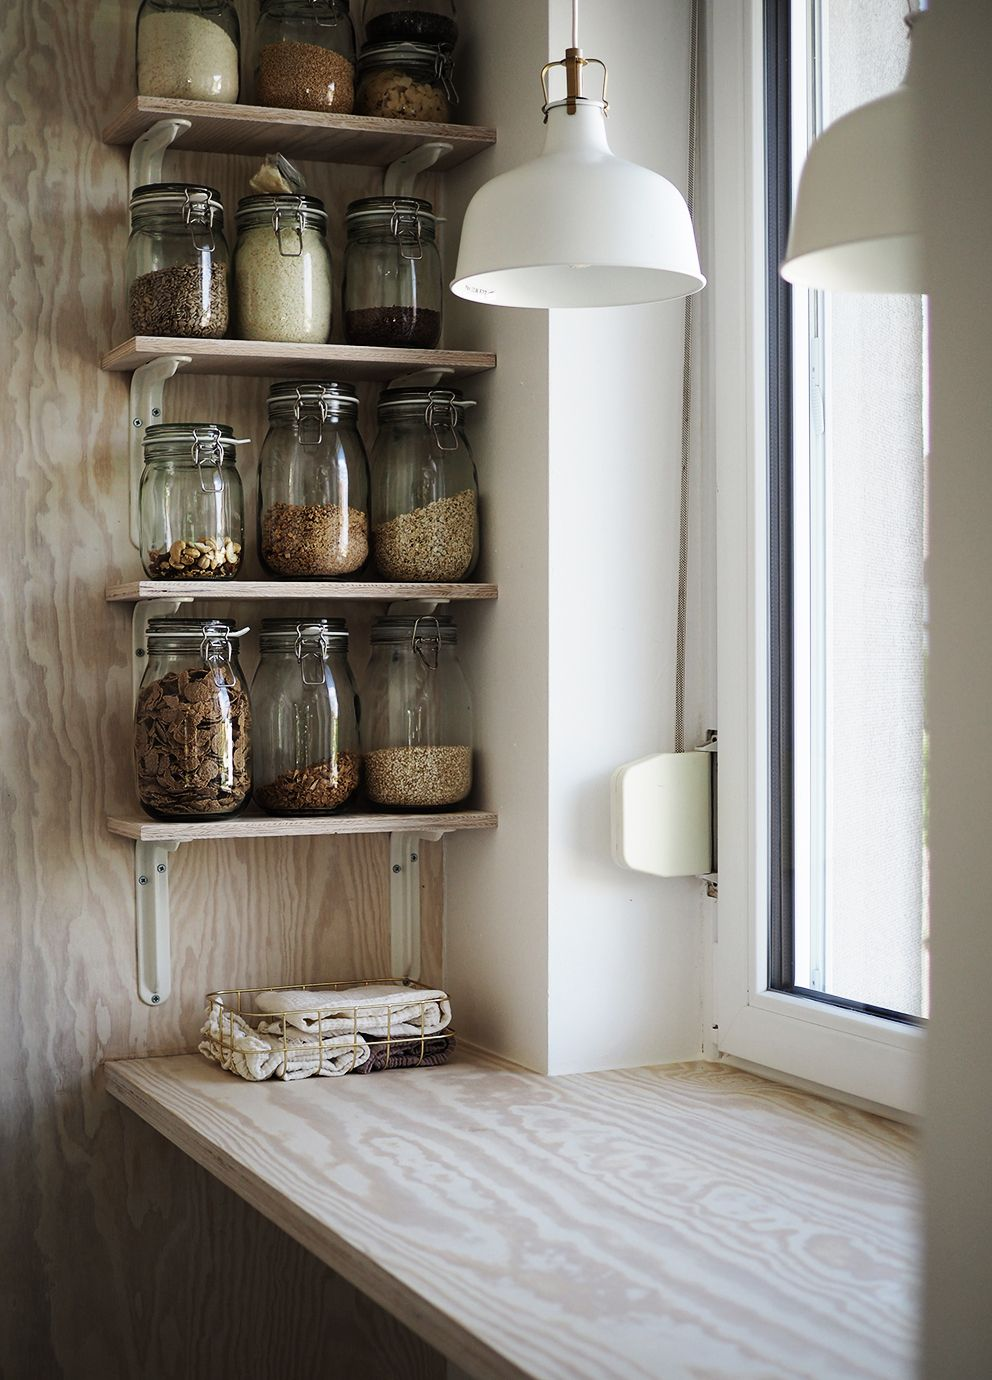 Unsere DIY-Küche aus Sperrholz: | A Pinch of Style | Küche ...